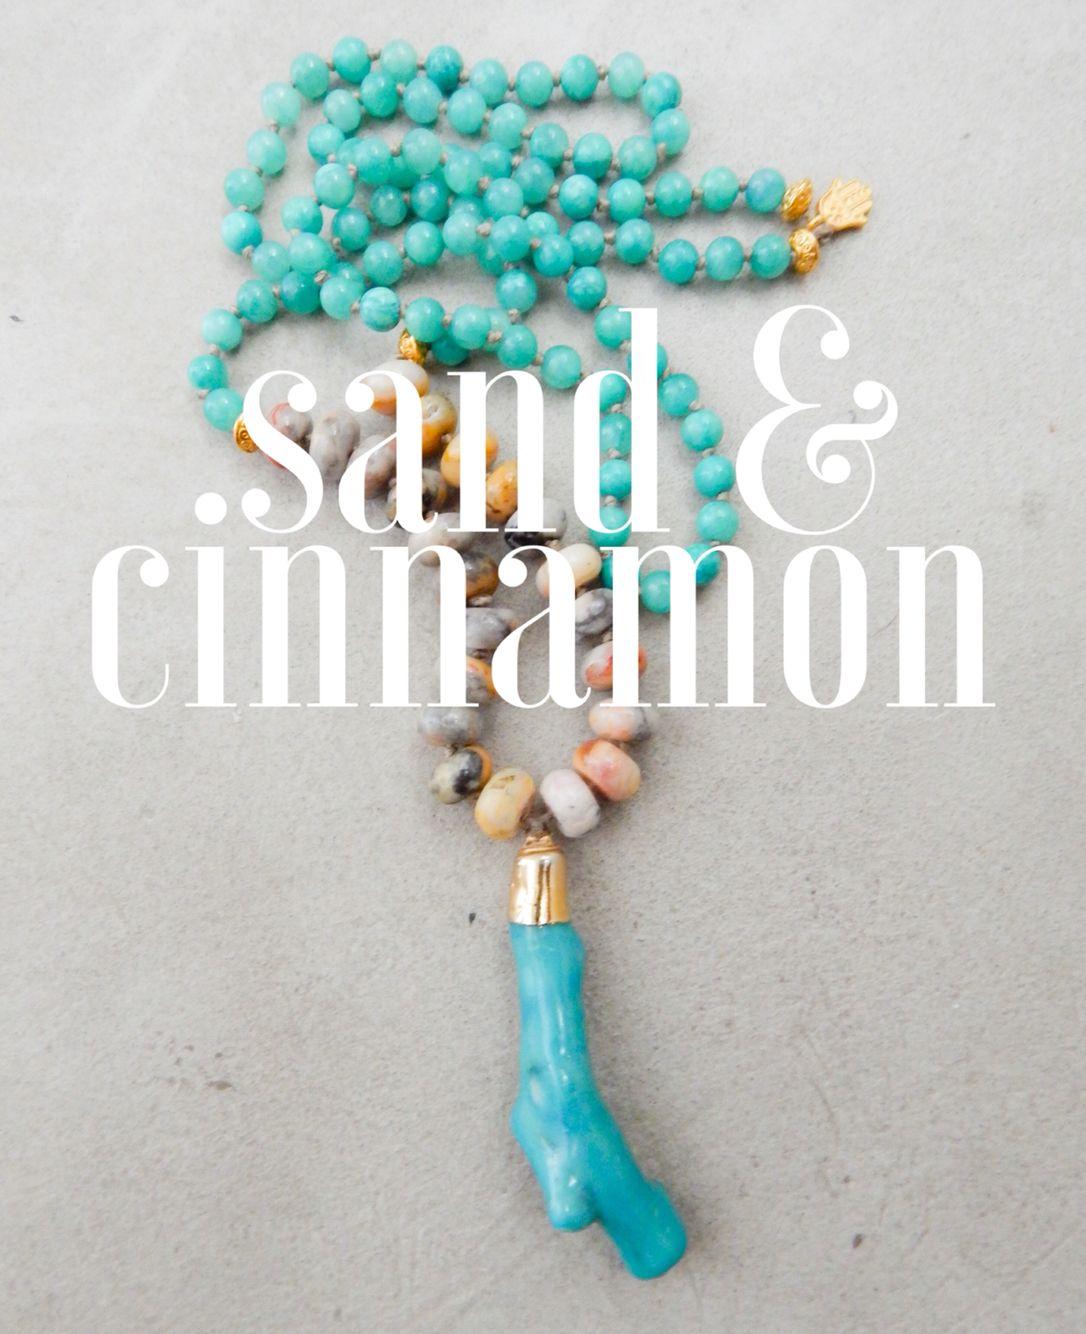 @sand_cinnamon